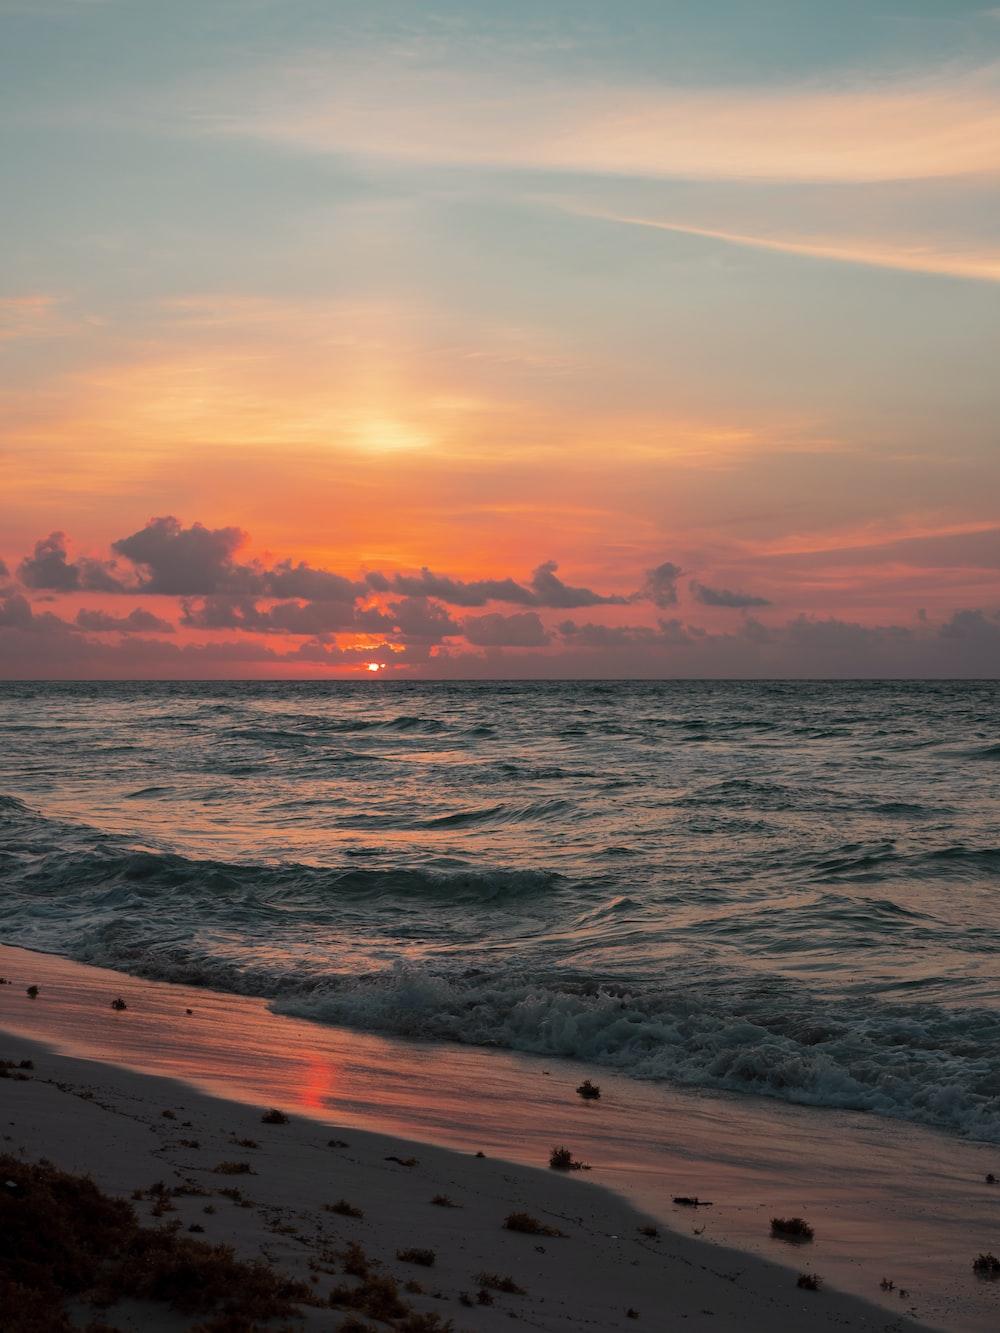 shore near ocean at golden hour